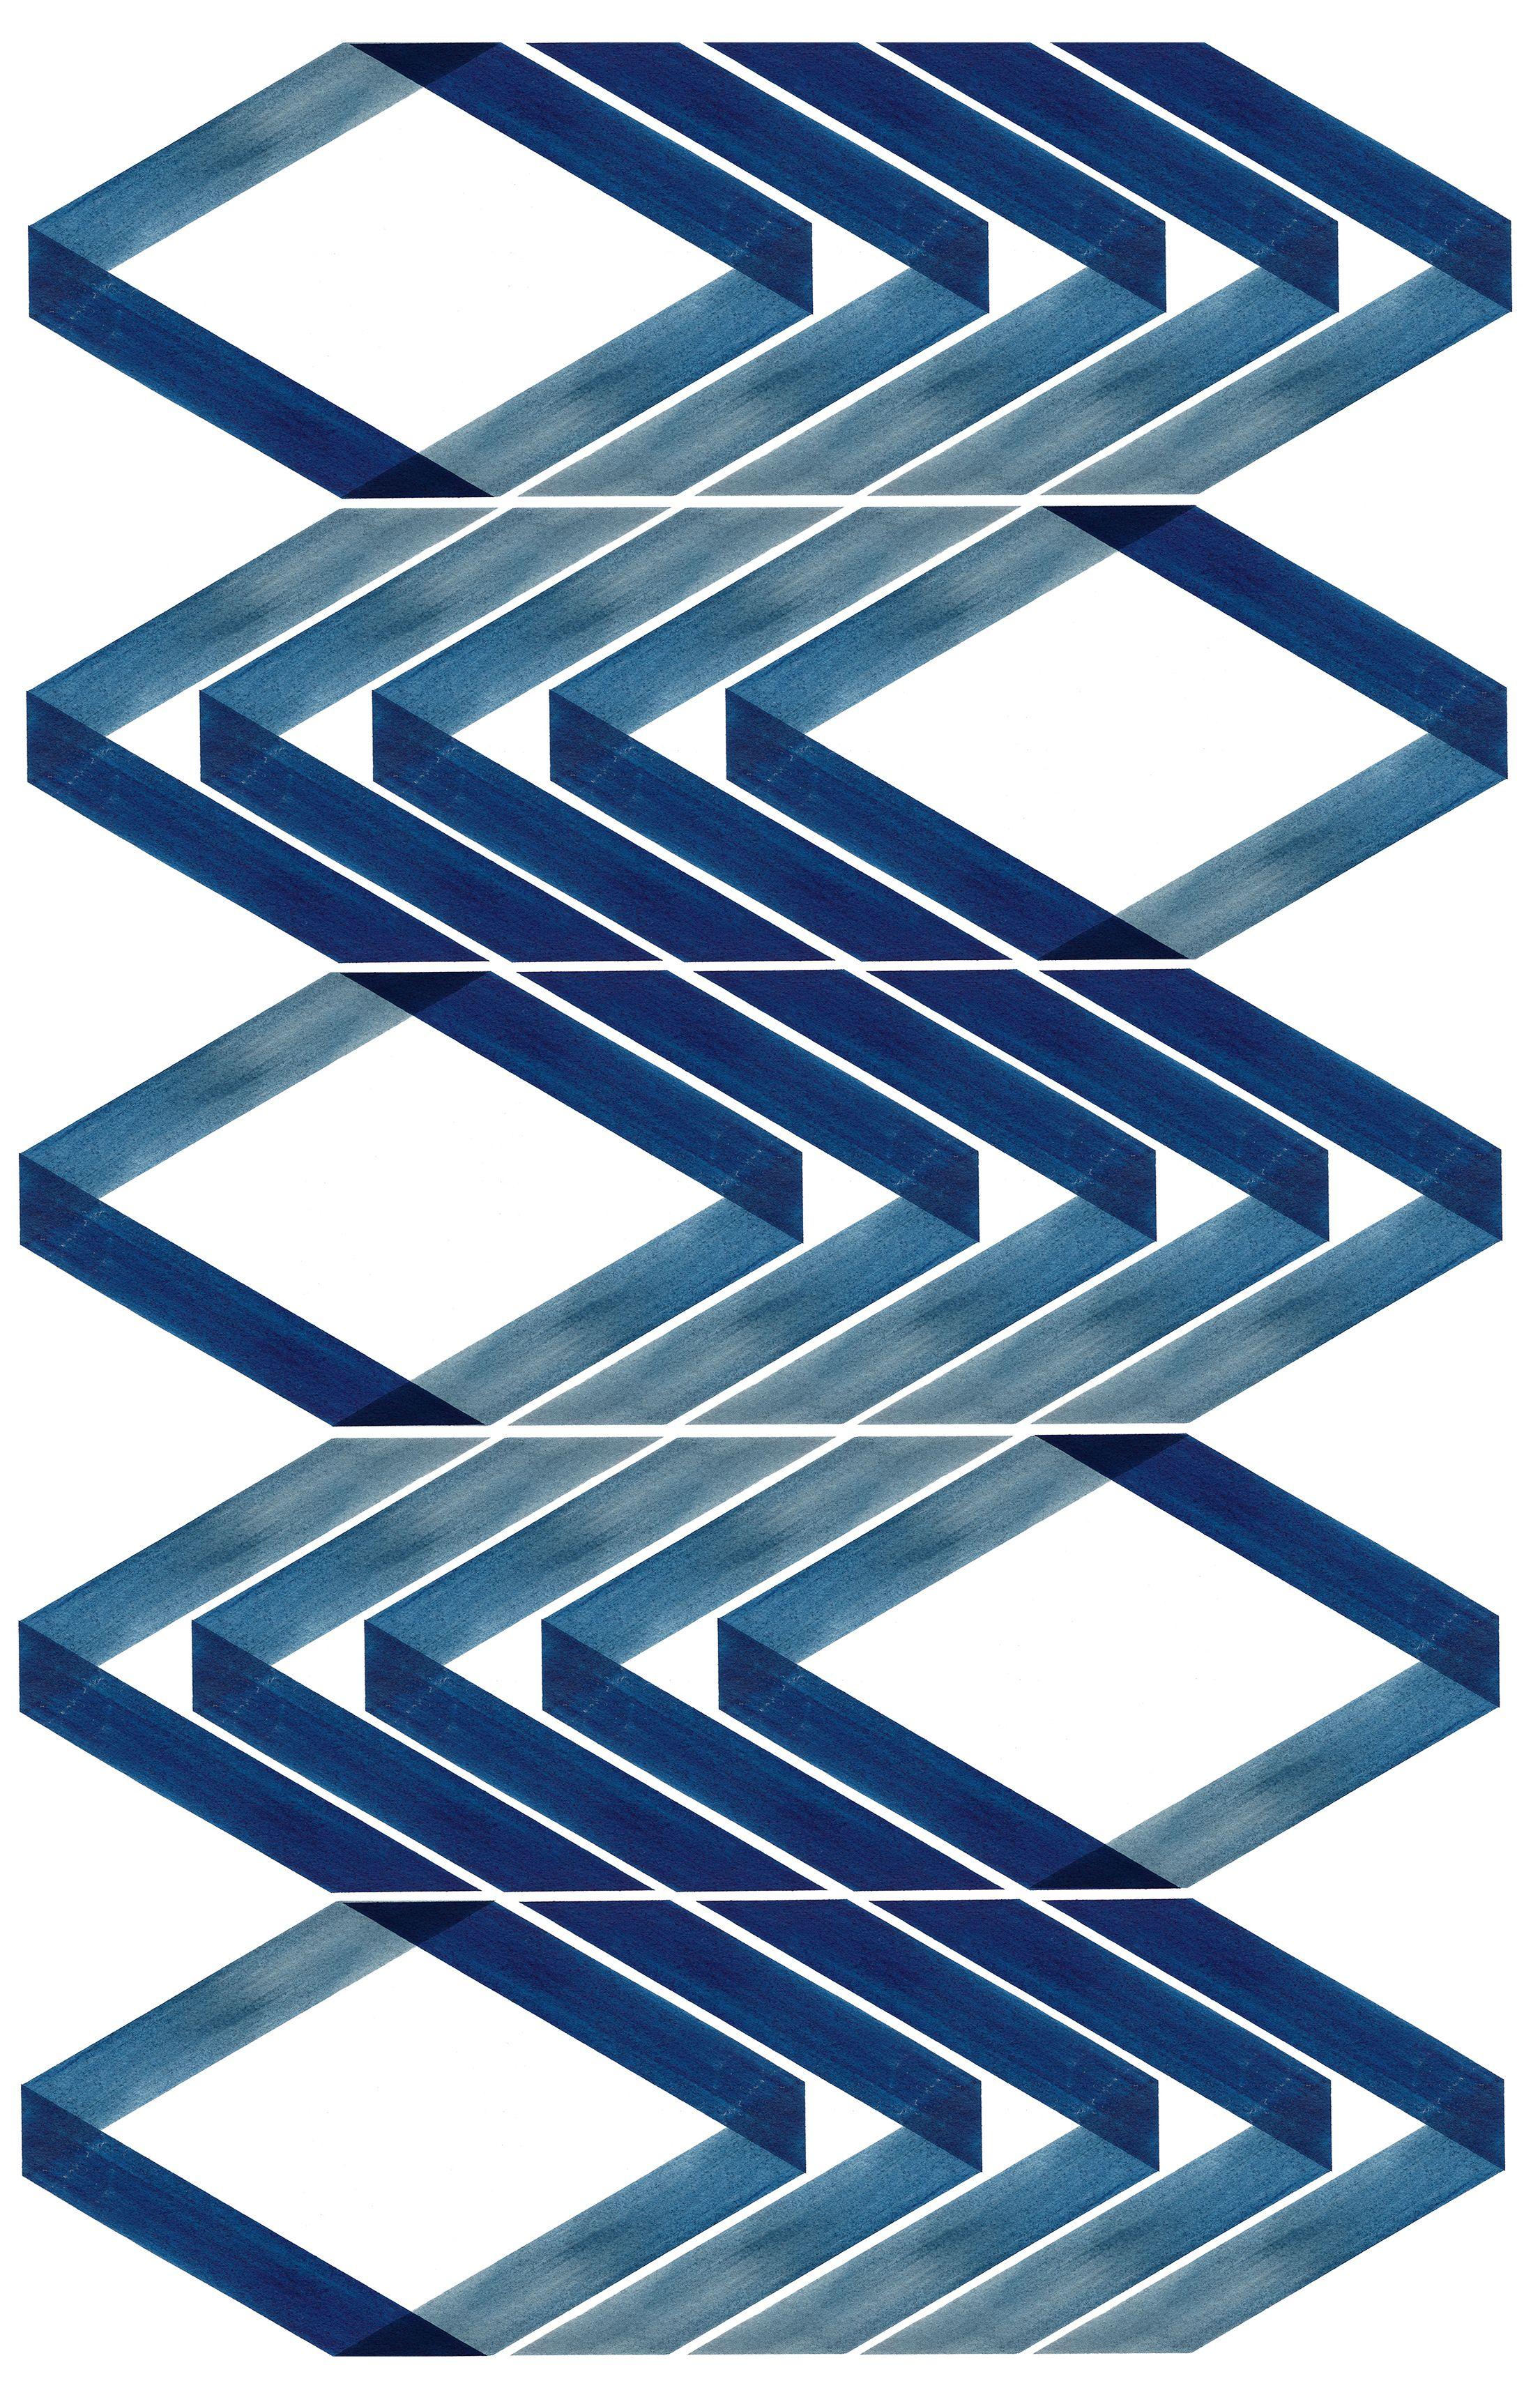 Blue Geometric Print Geometric Art Blue Wall Art Minimal